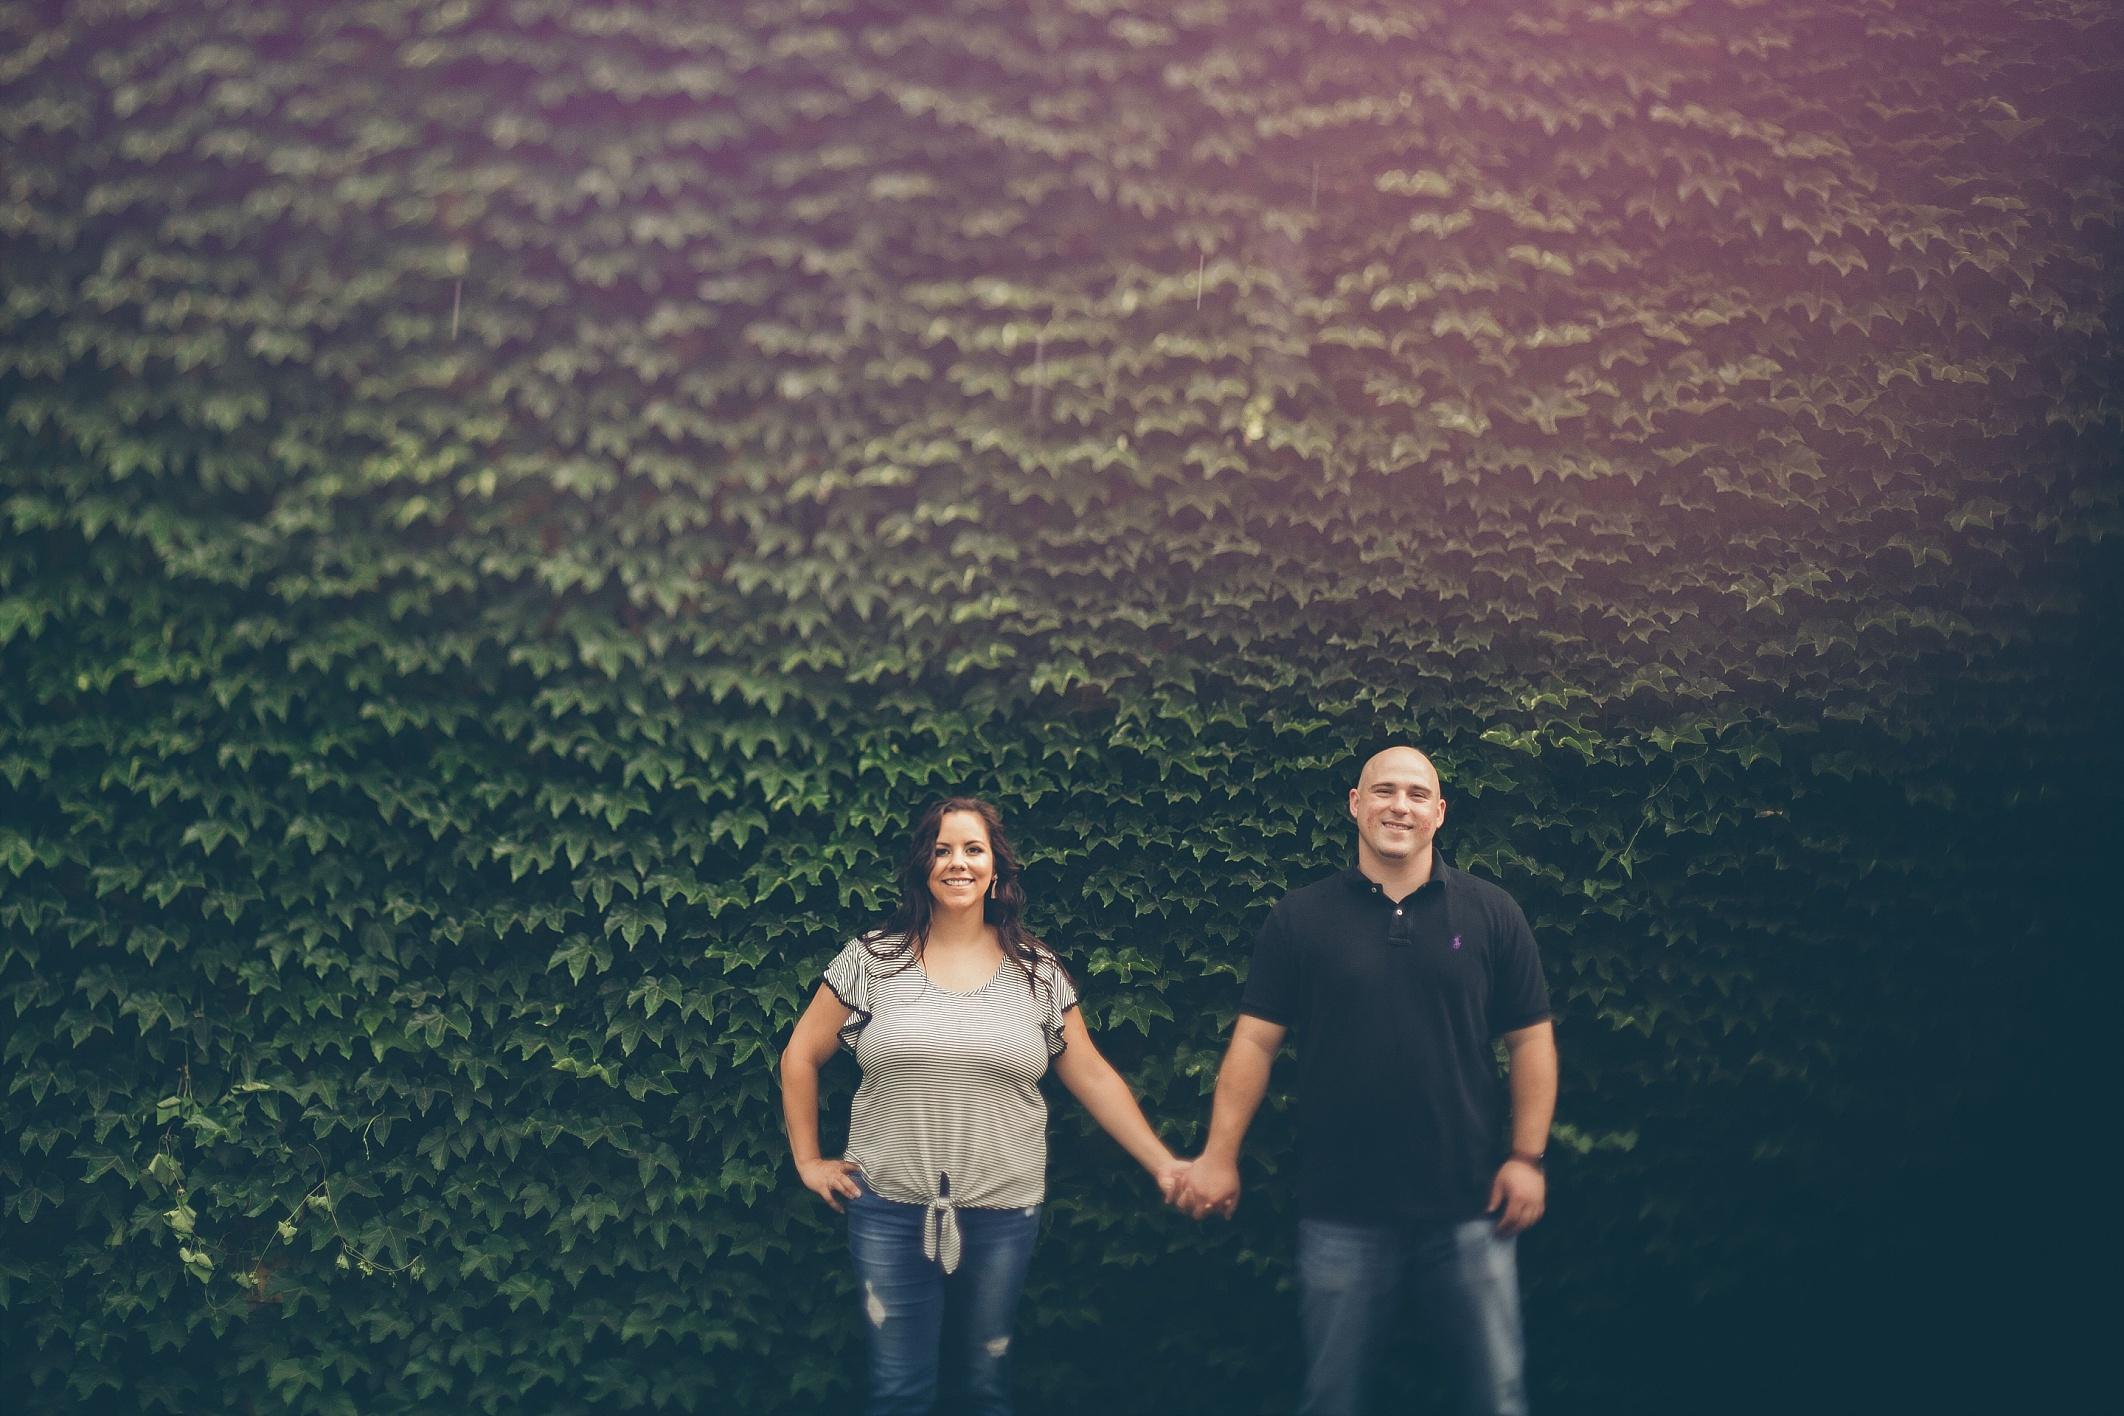 engagement-photographer-dayton-ohio-oregon_0059.jpg